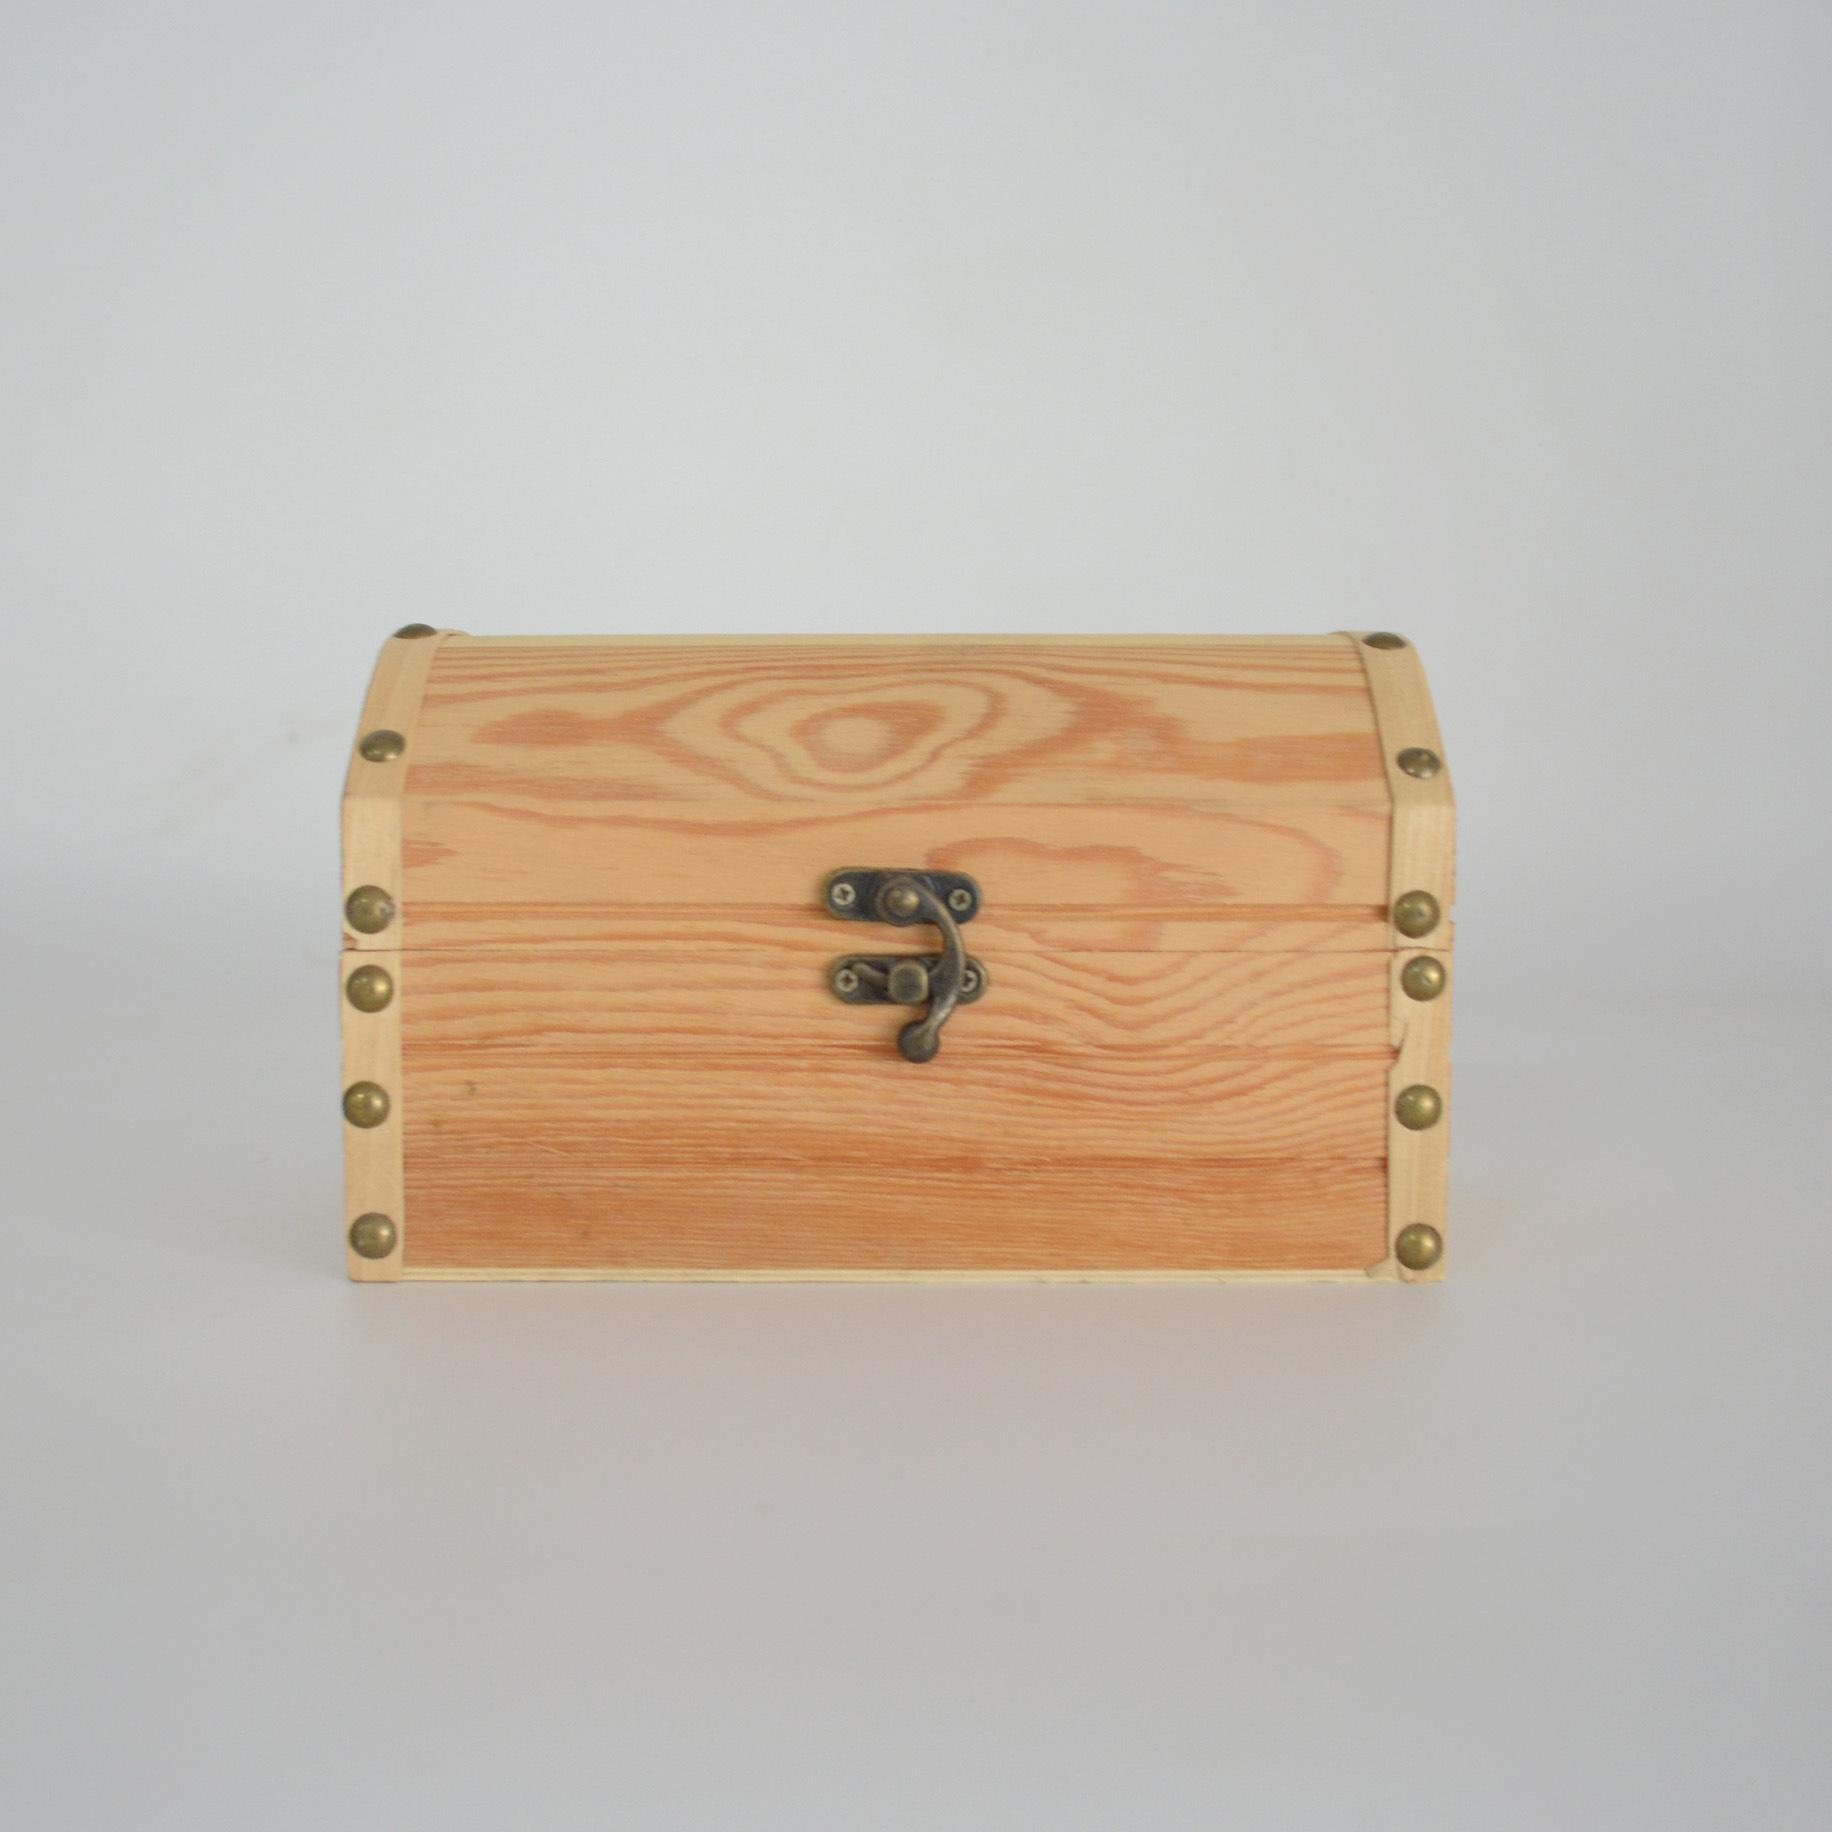 创意 收纳盒 复古储物盒 木质 首饰盒 喜糖盒 木盒 厂家专业定制